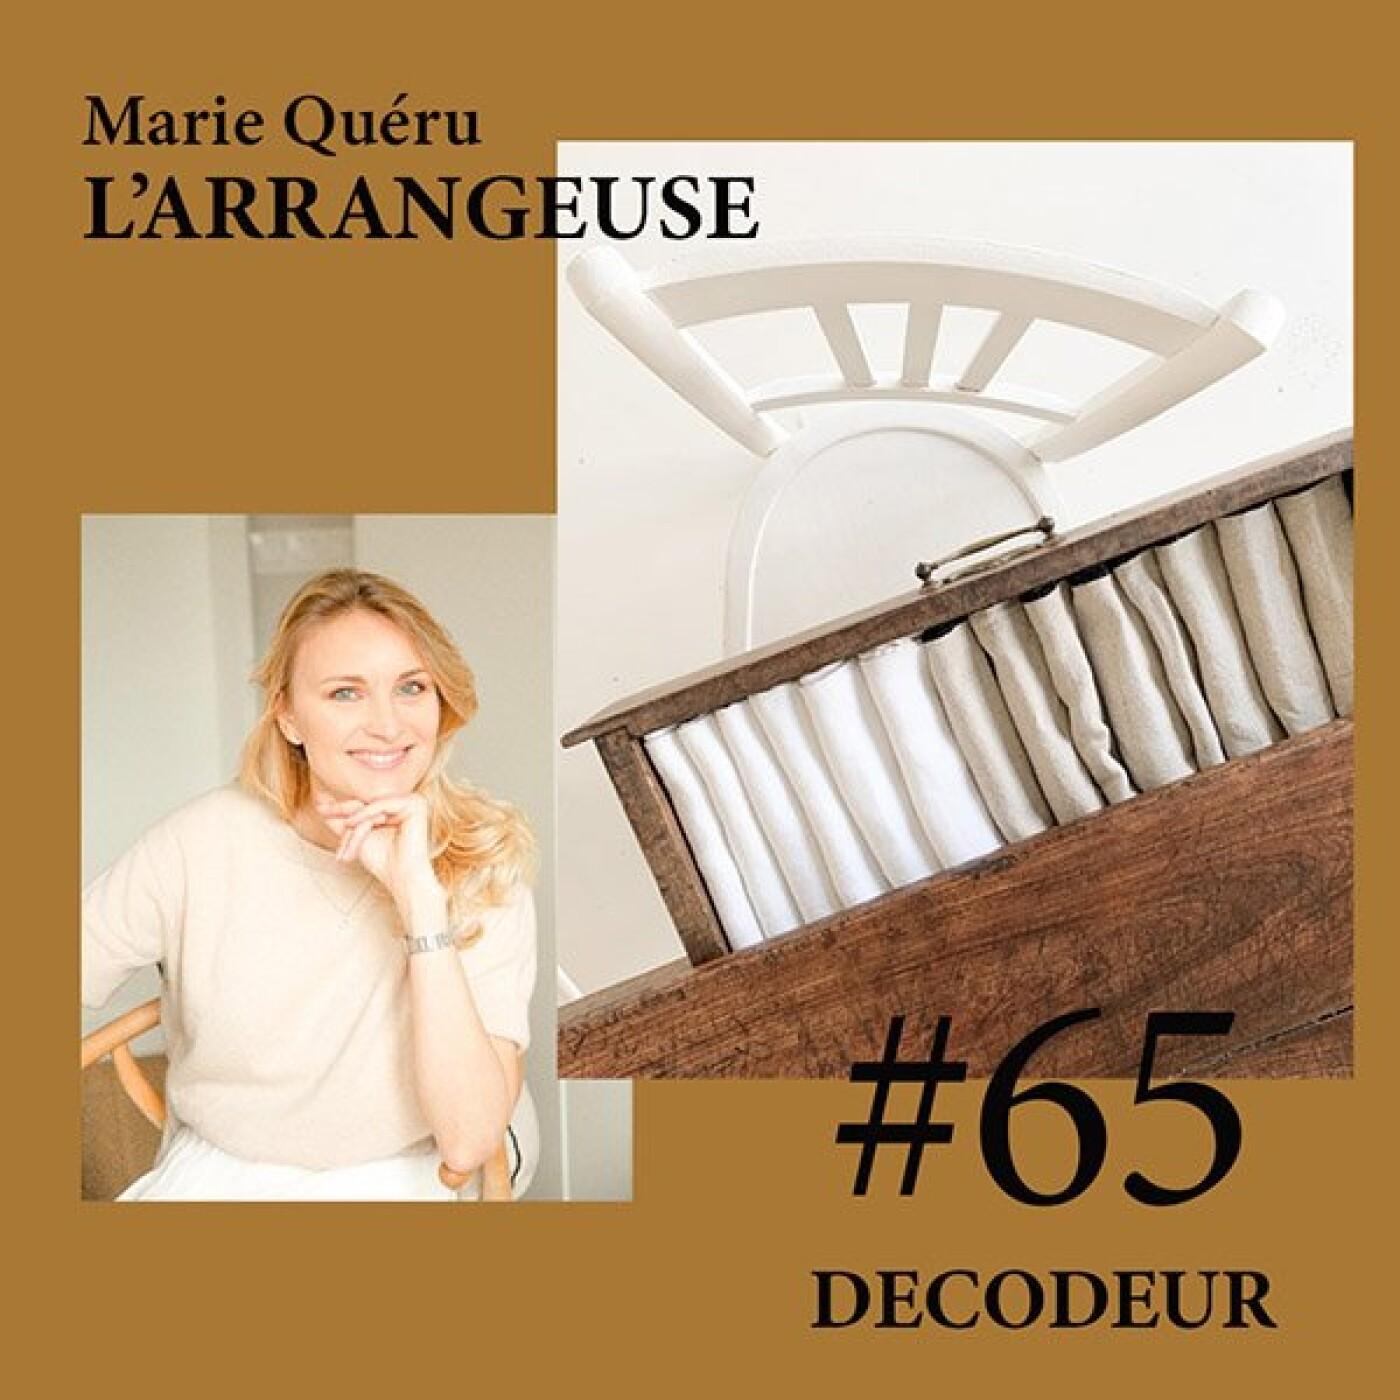 #65 Marie Quéru, fondatrice de l'Arrangeuse, conseil en Écologie d'intérieur®